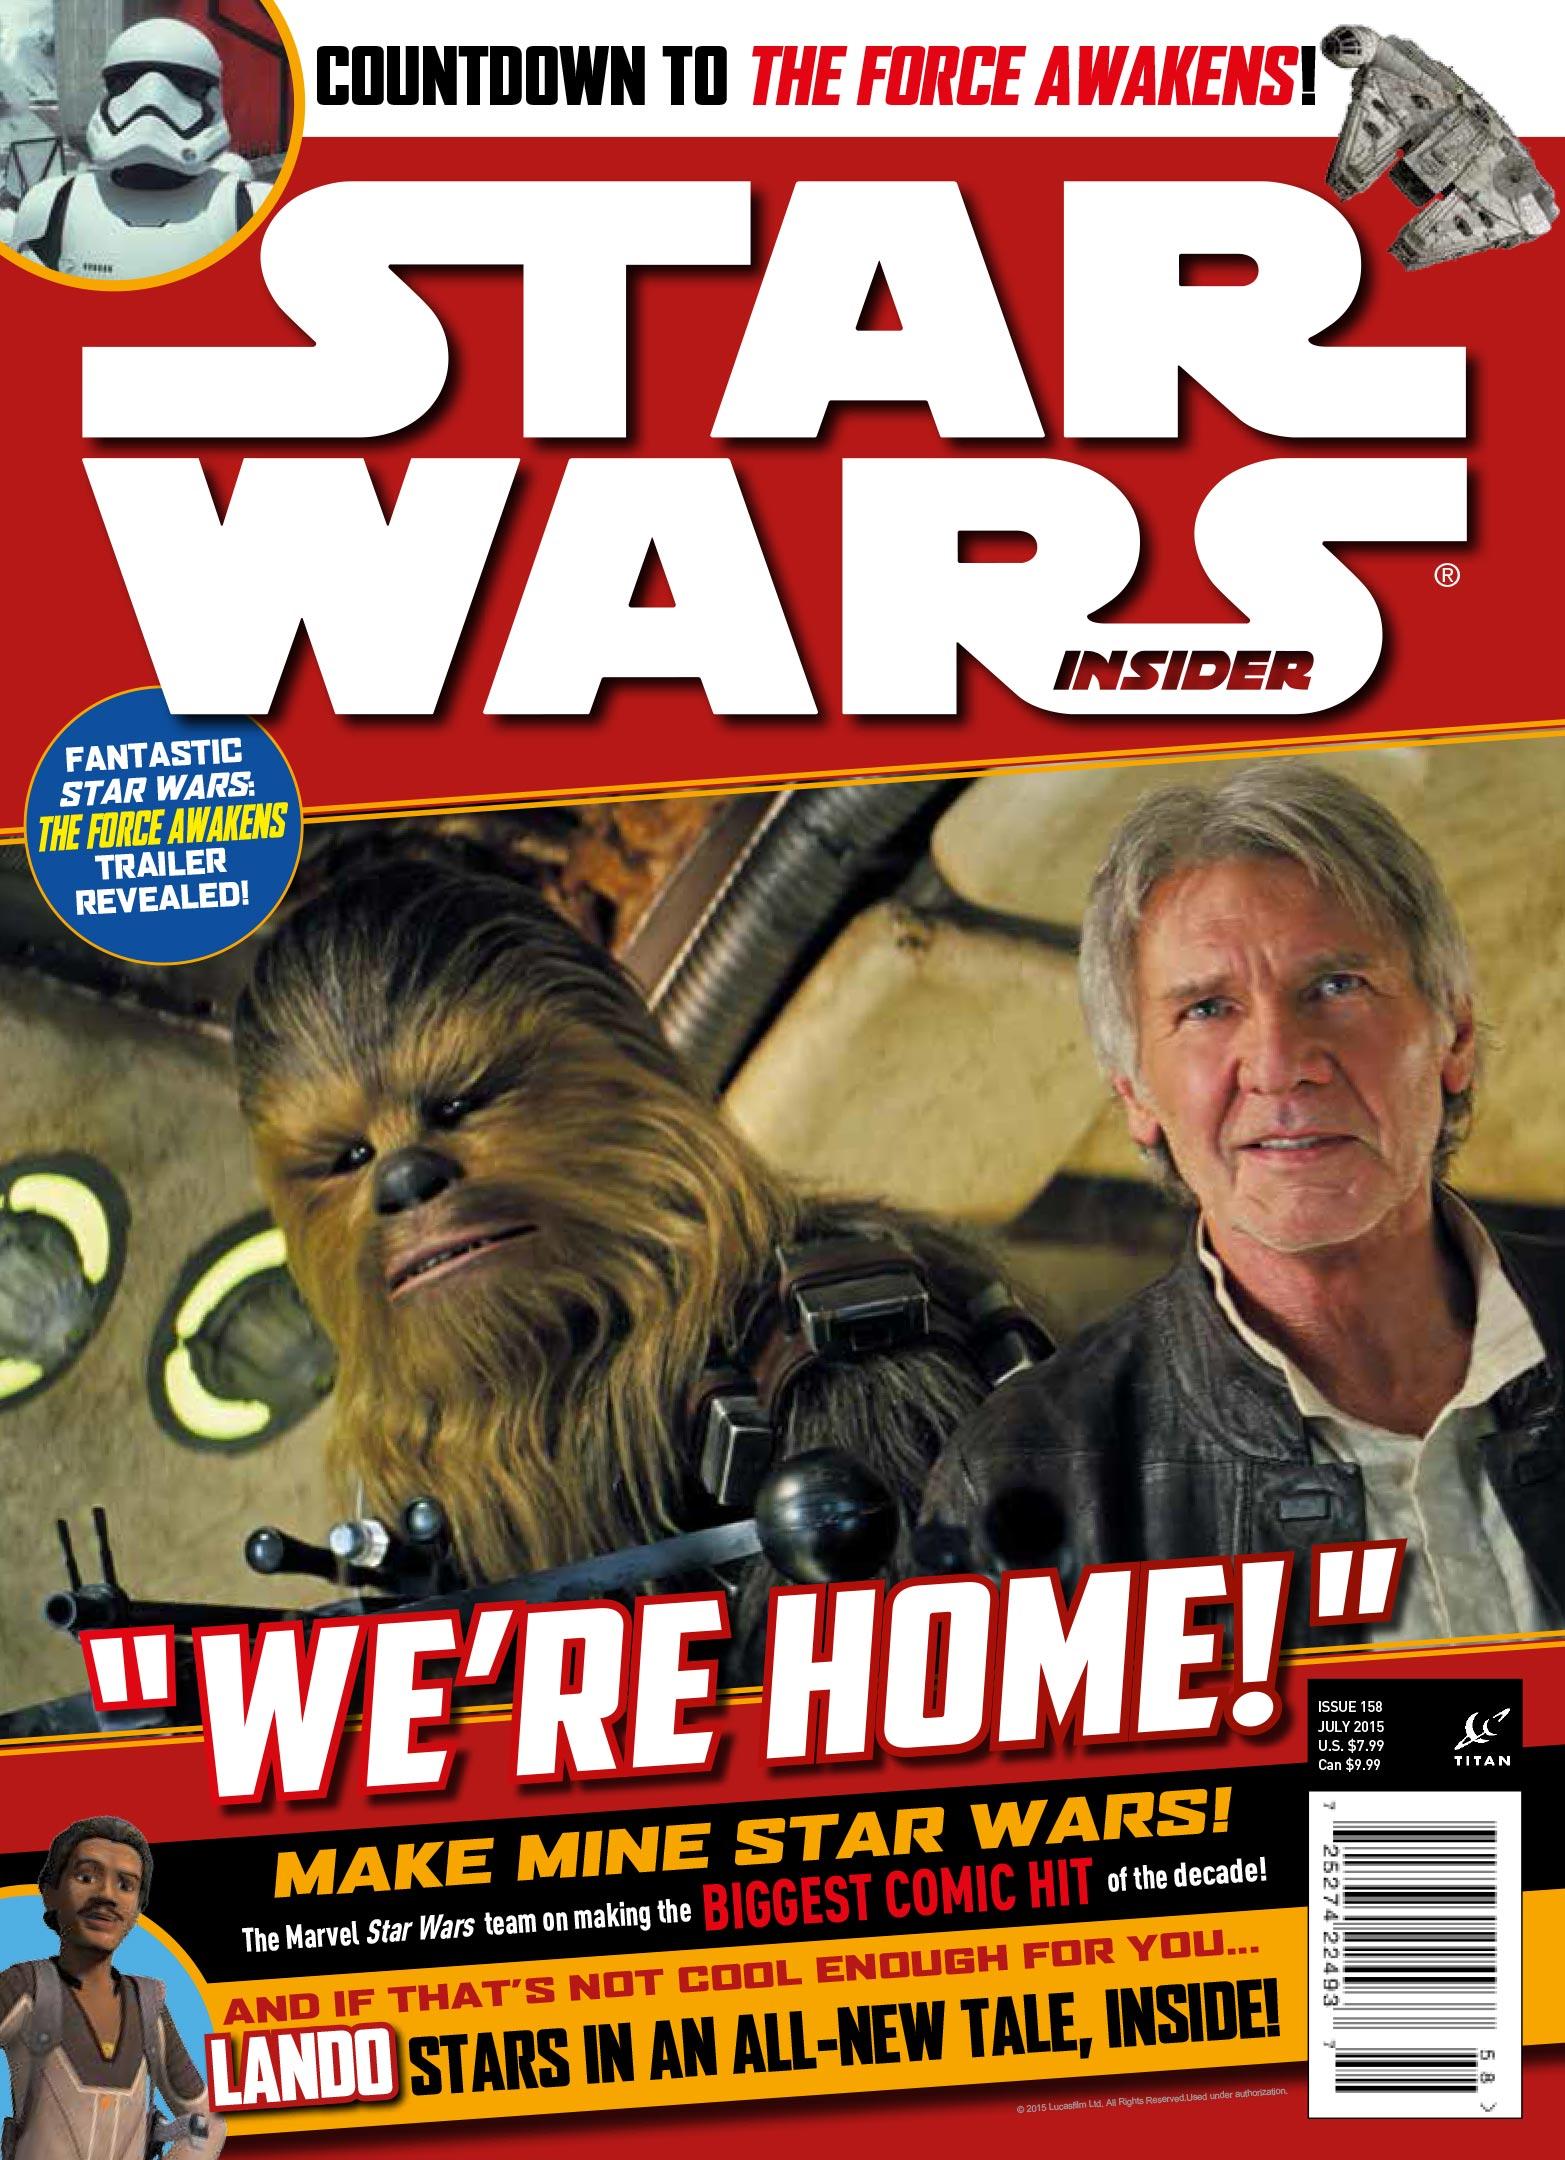 Star Wars Insider 158